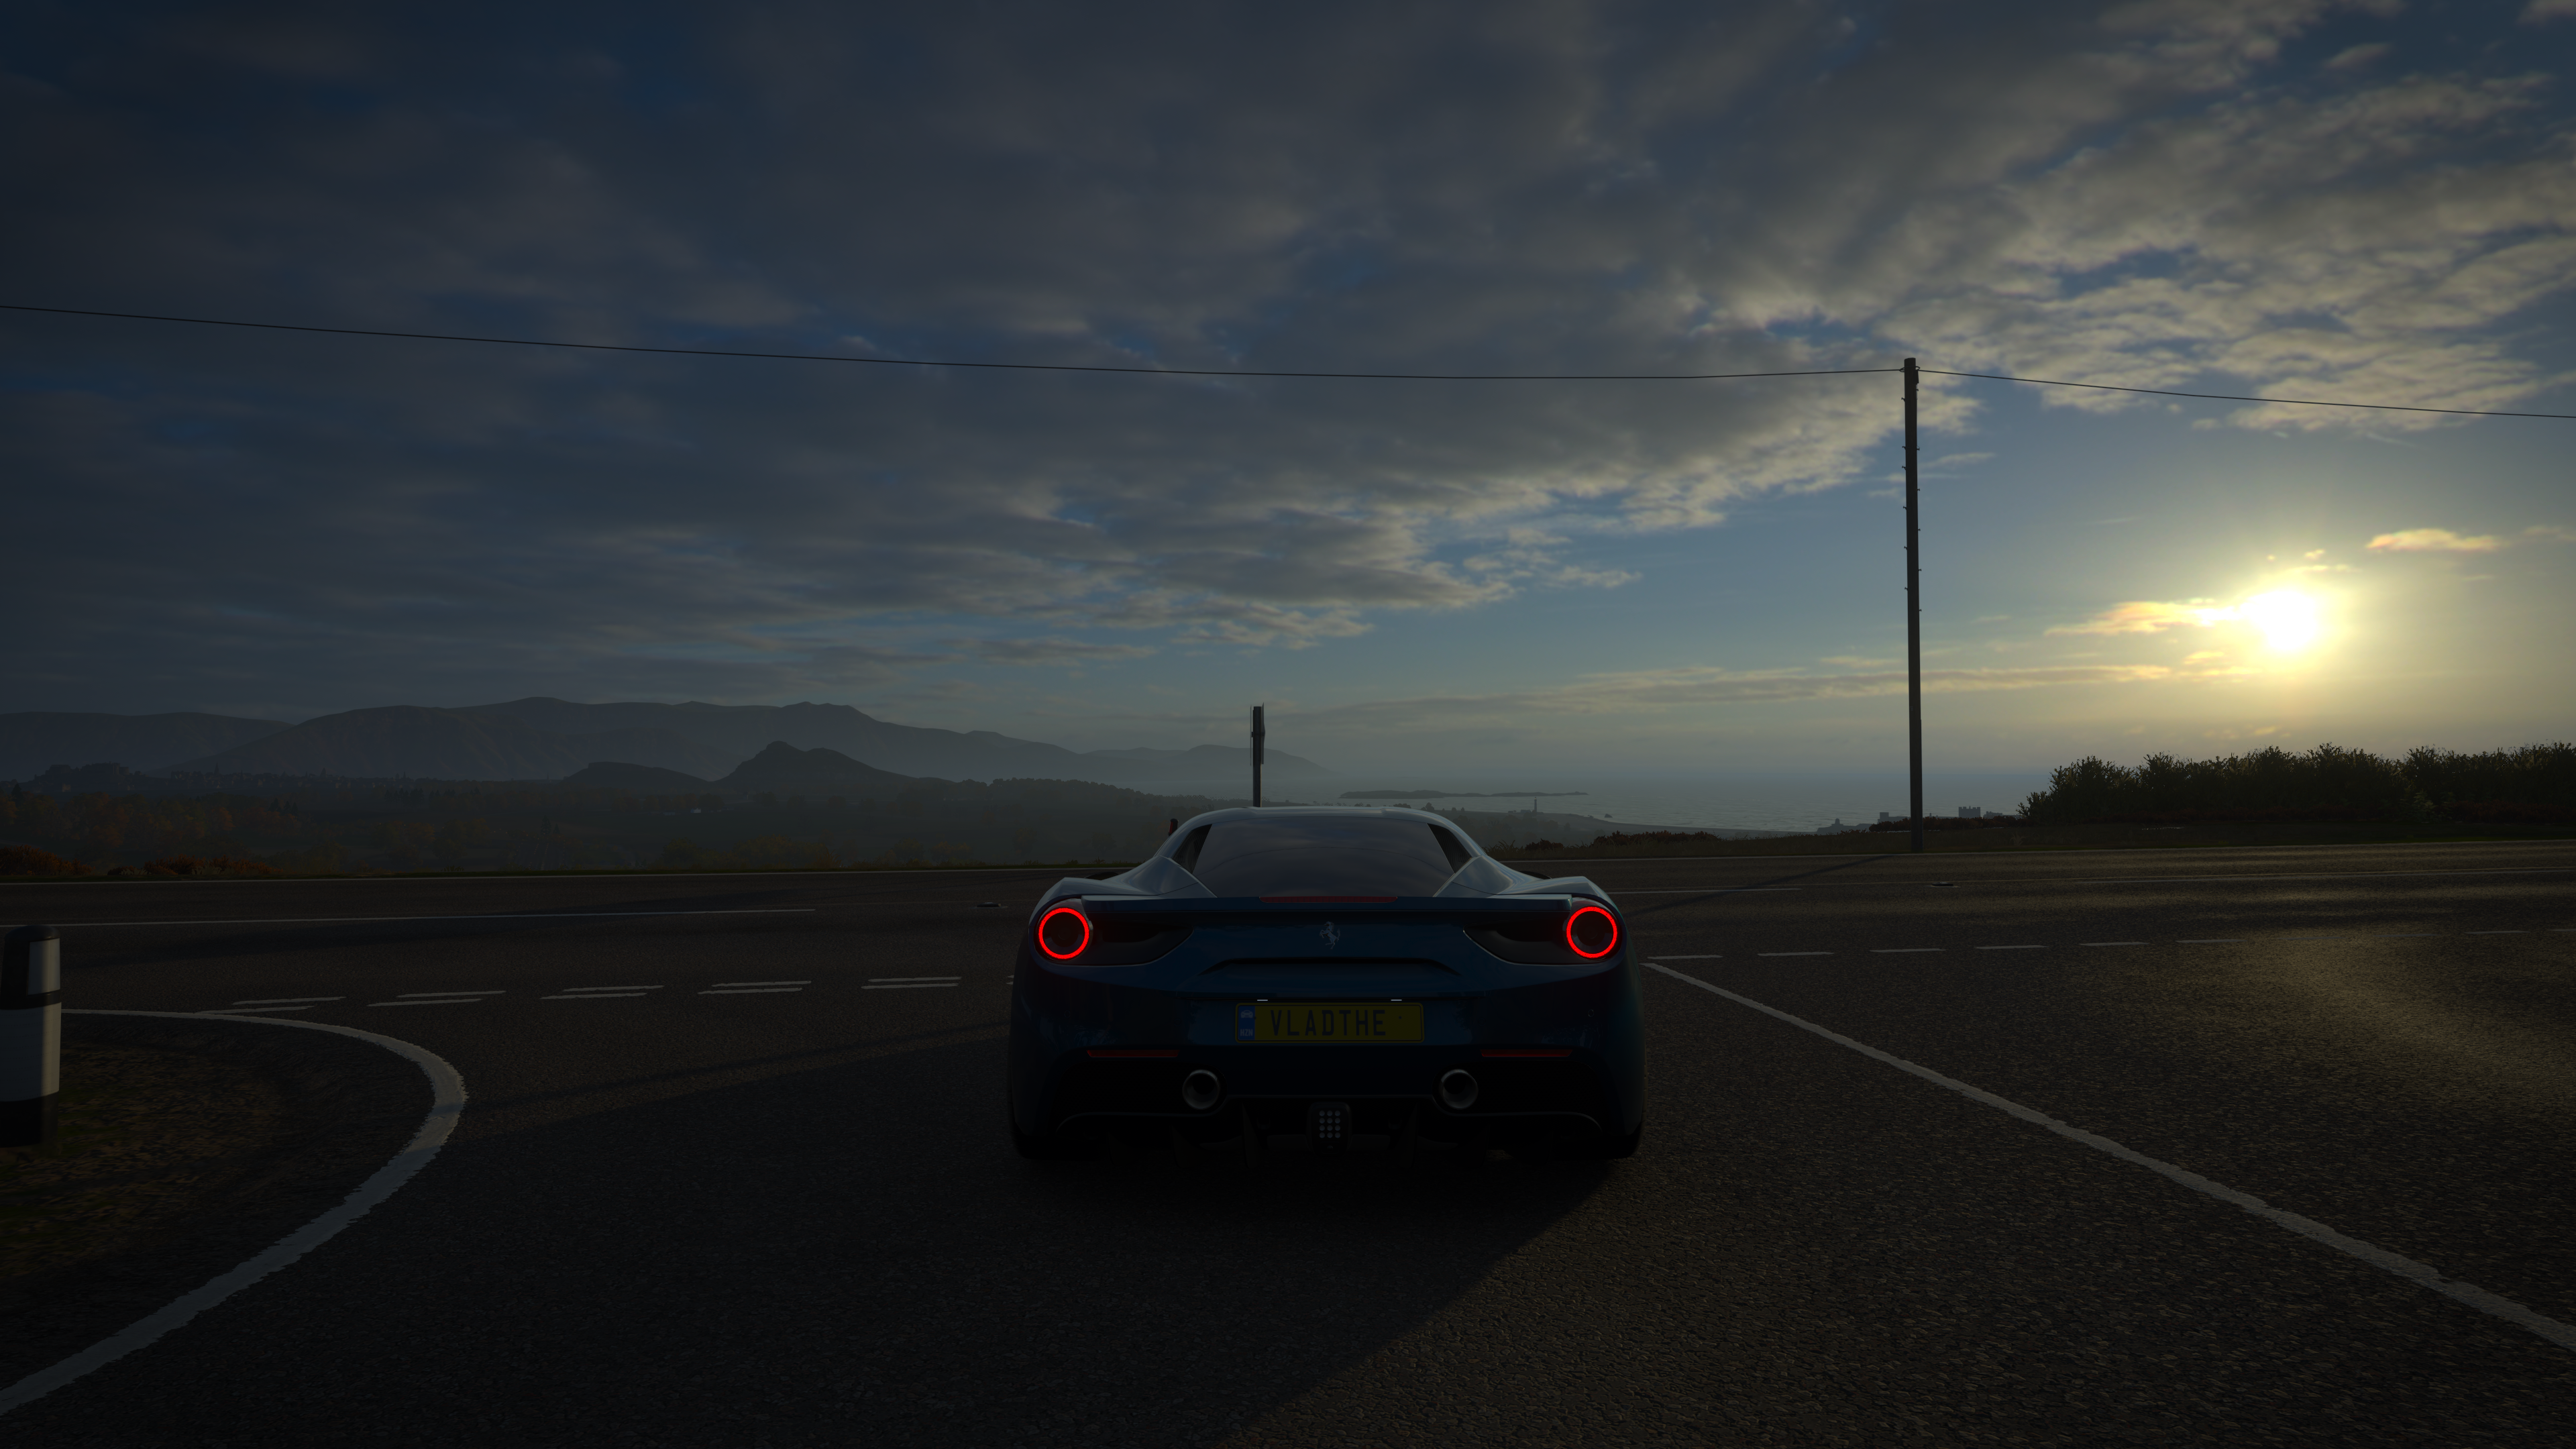 General 3840x2160 Forza Forza Horizon 4 screen shot video games car